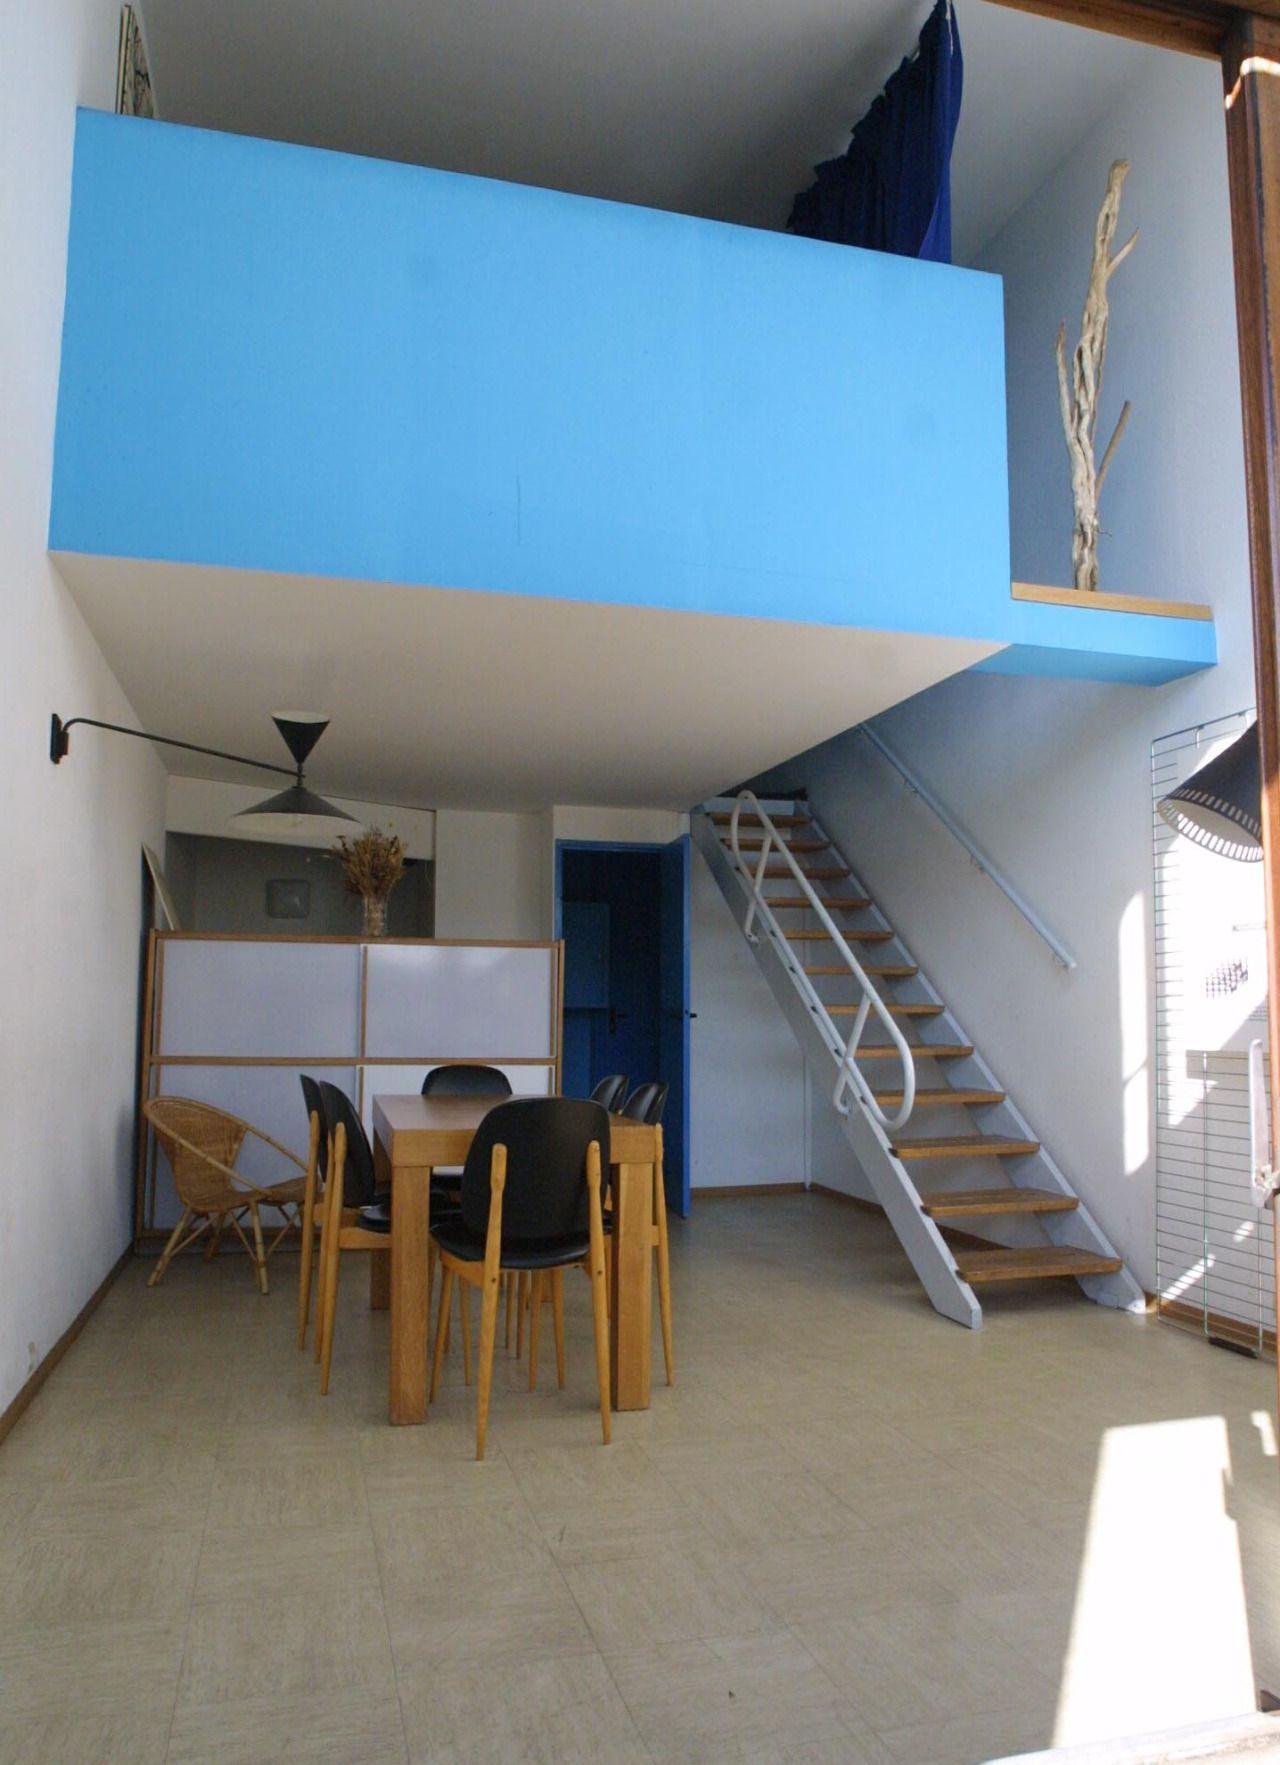 Le Corbusier Unite D Habitation unité d'habitation le corbusier à firminy (avec images